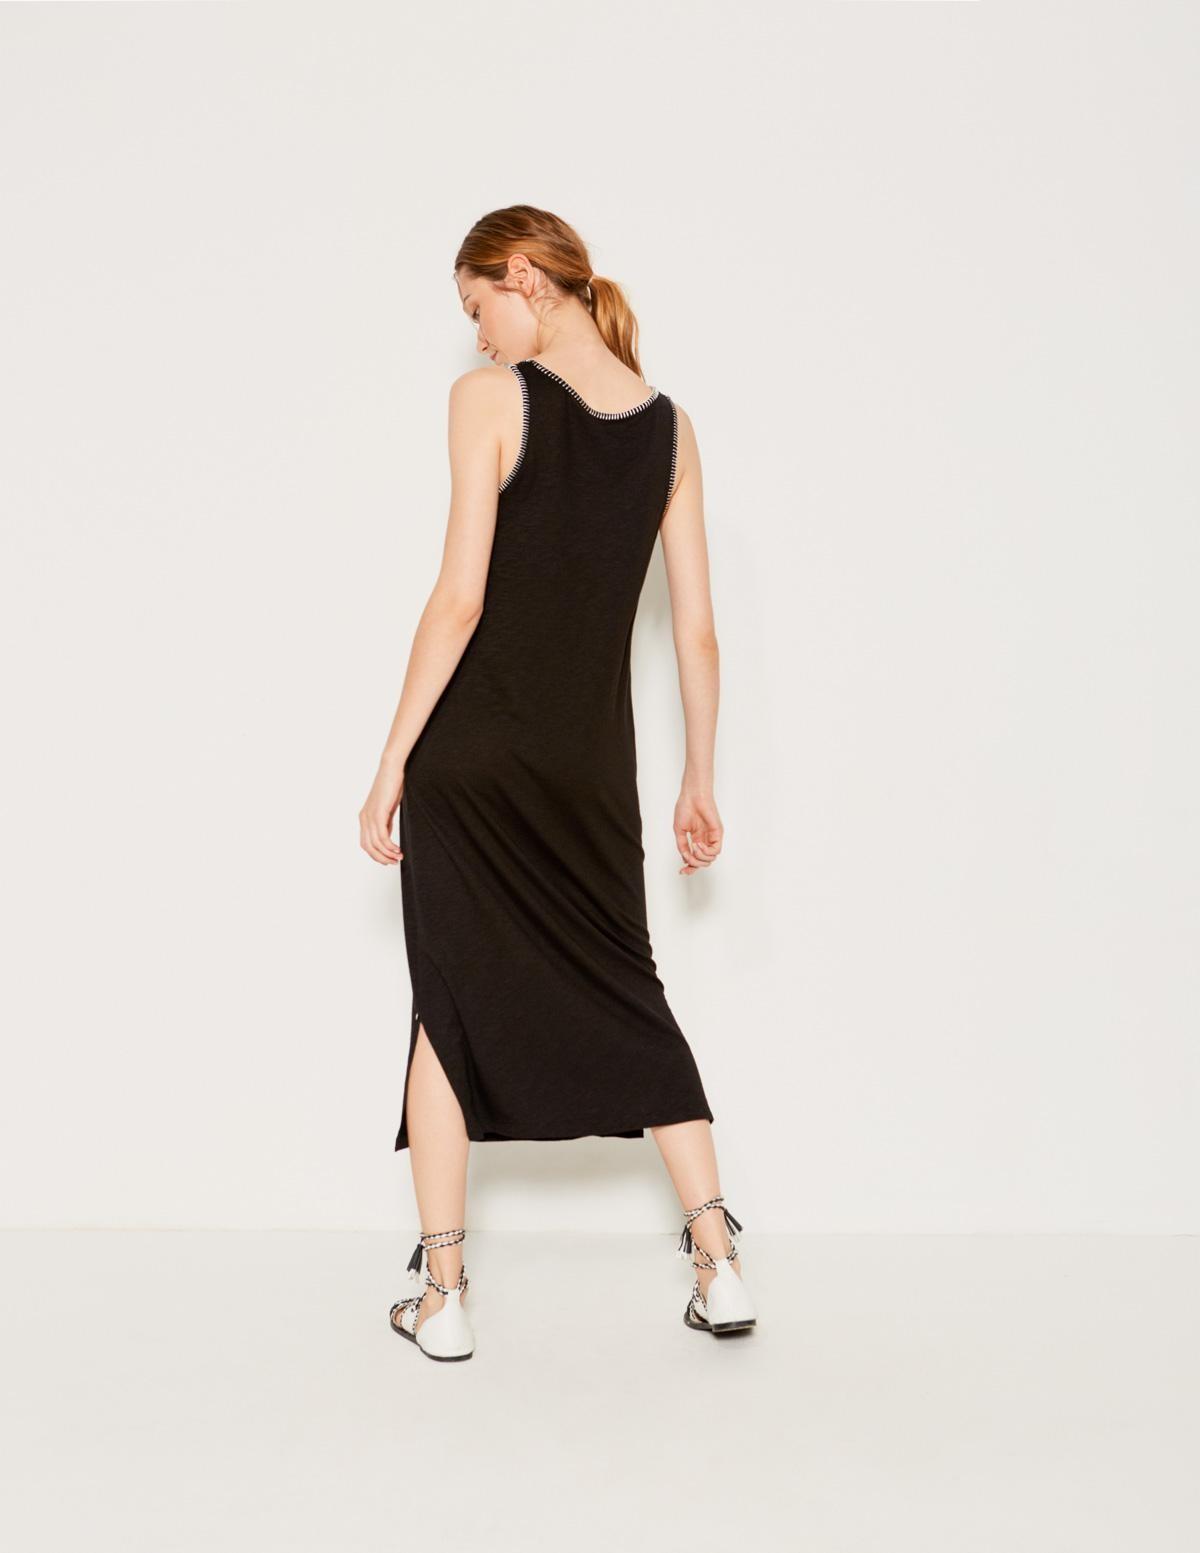 Vestido pespunte contraste - Ítem2